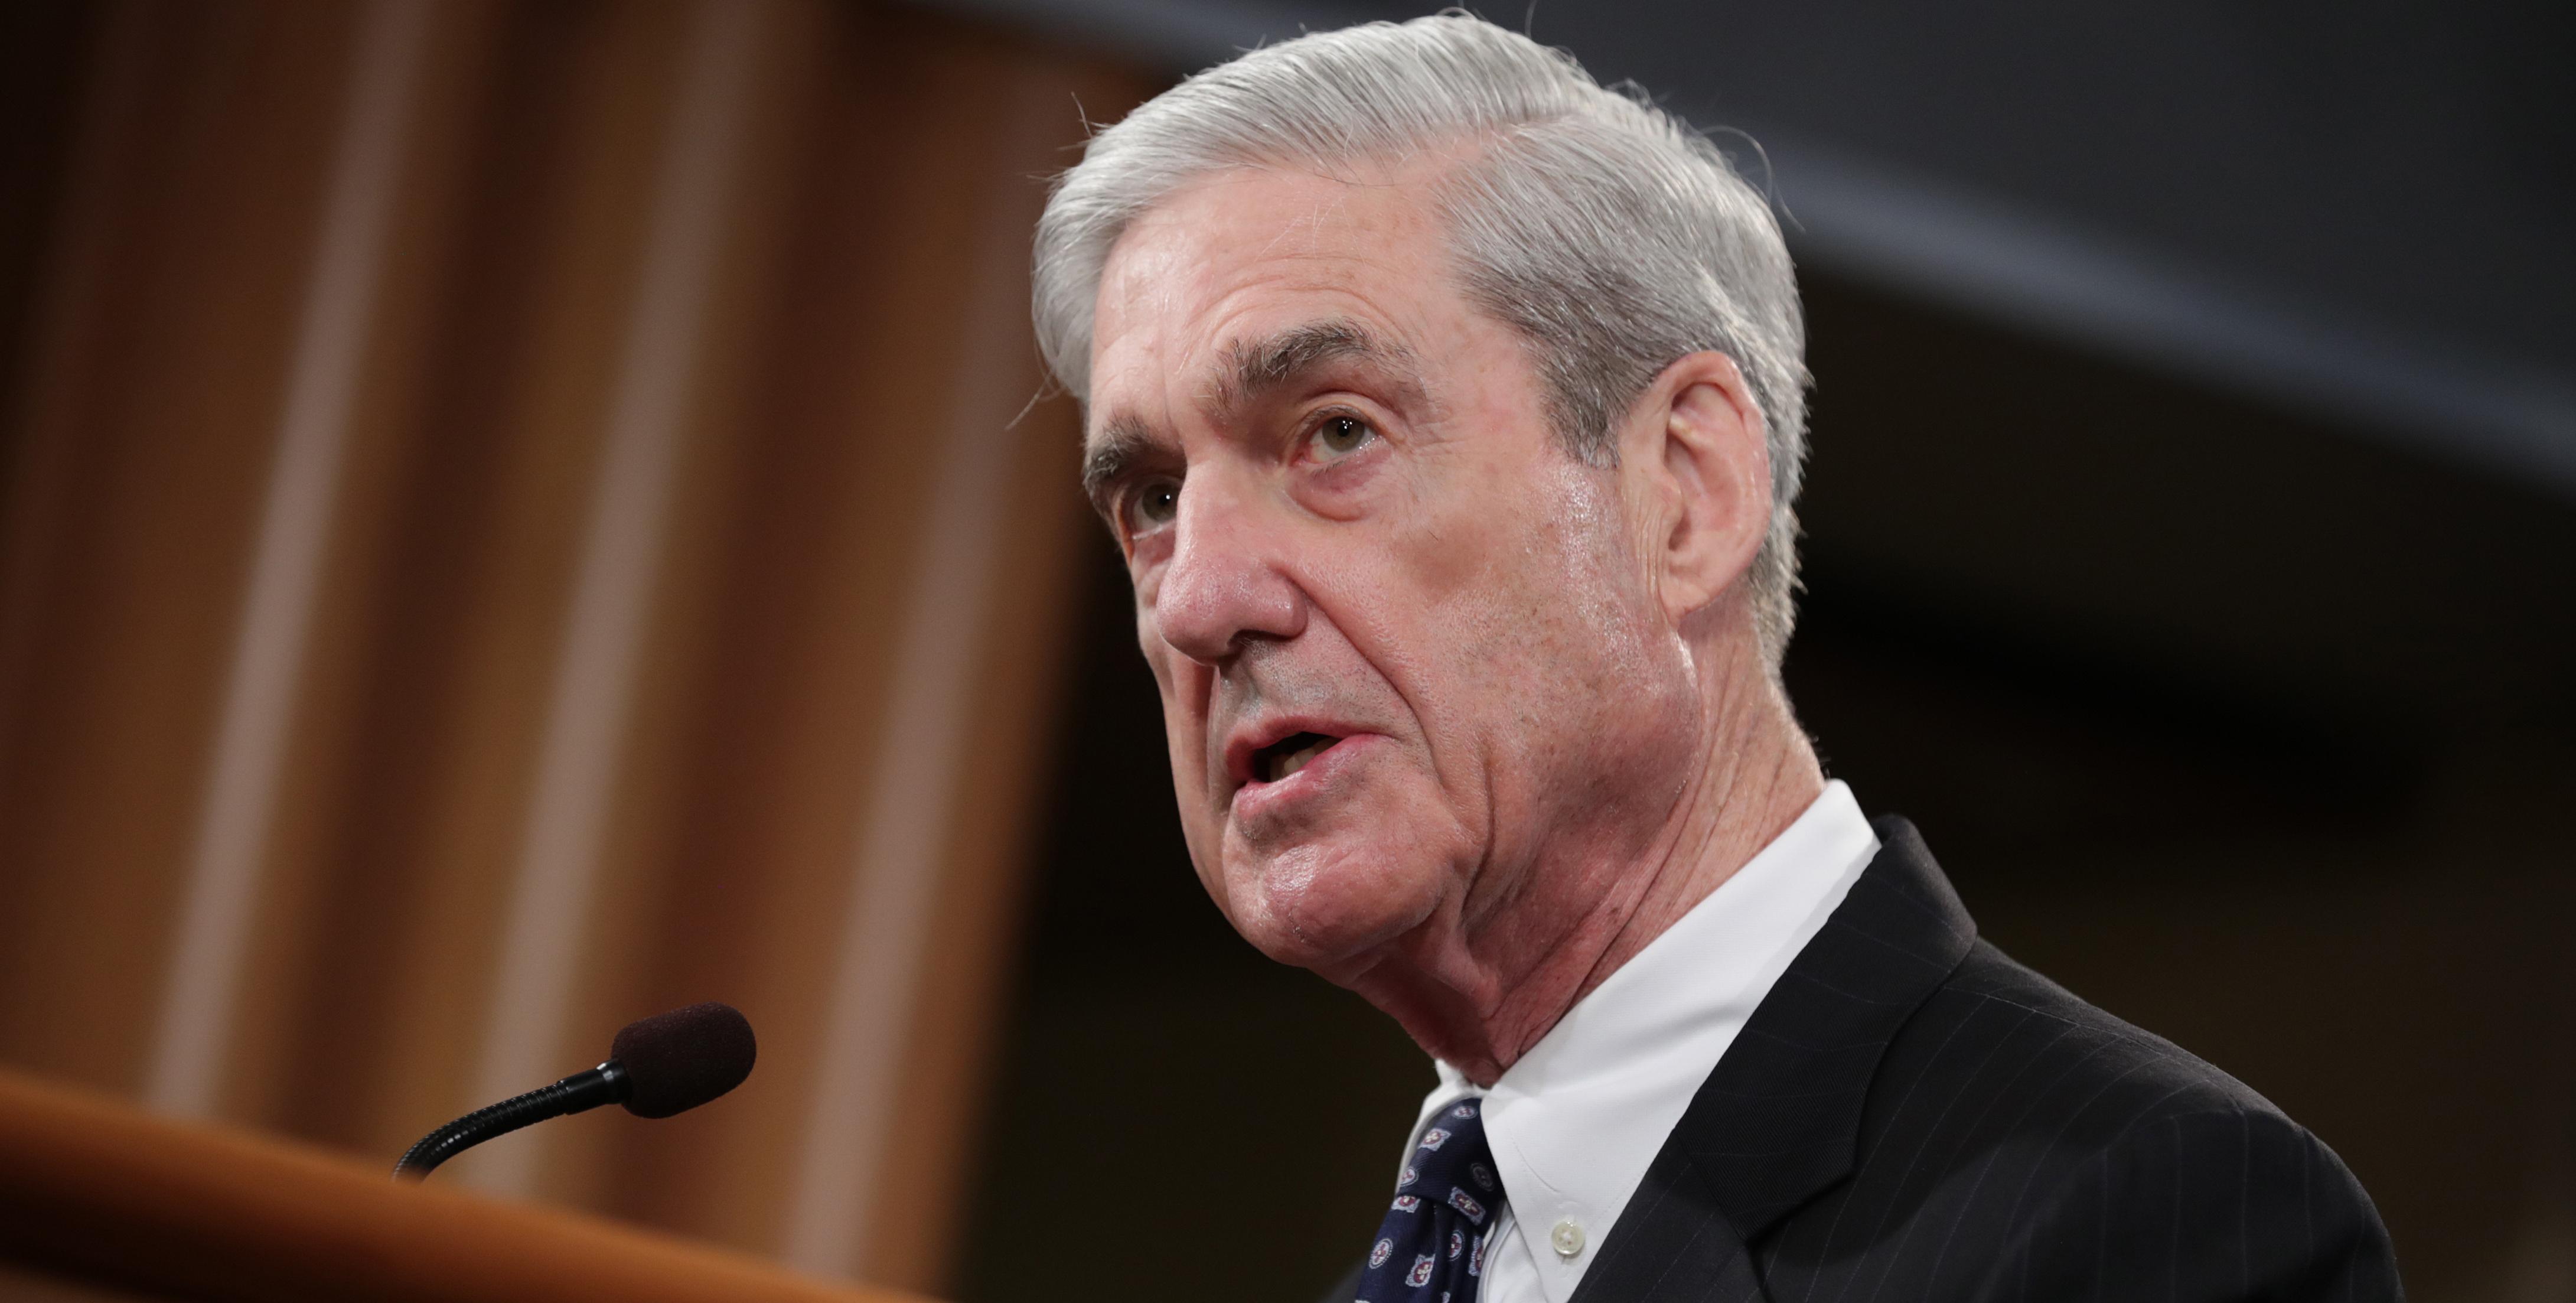 Mueller Investigation Book Gets Justice Dept. OK